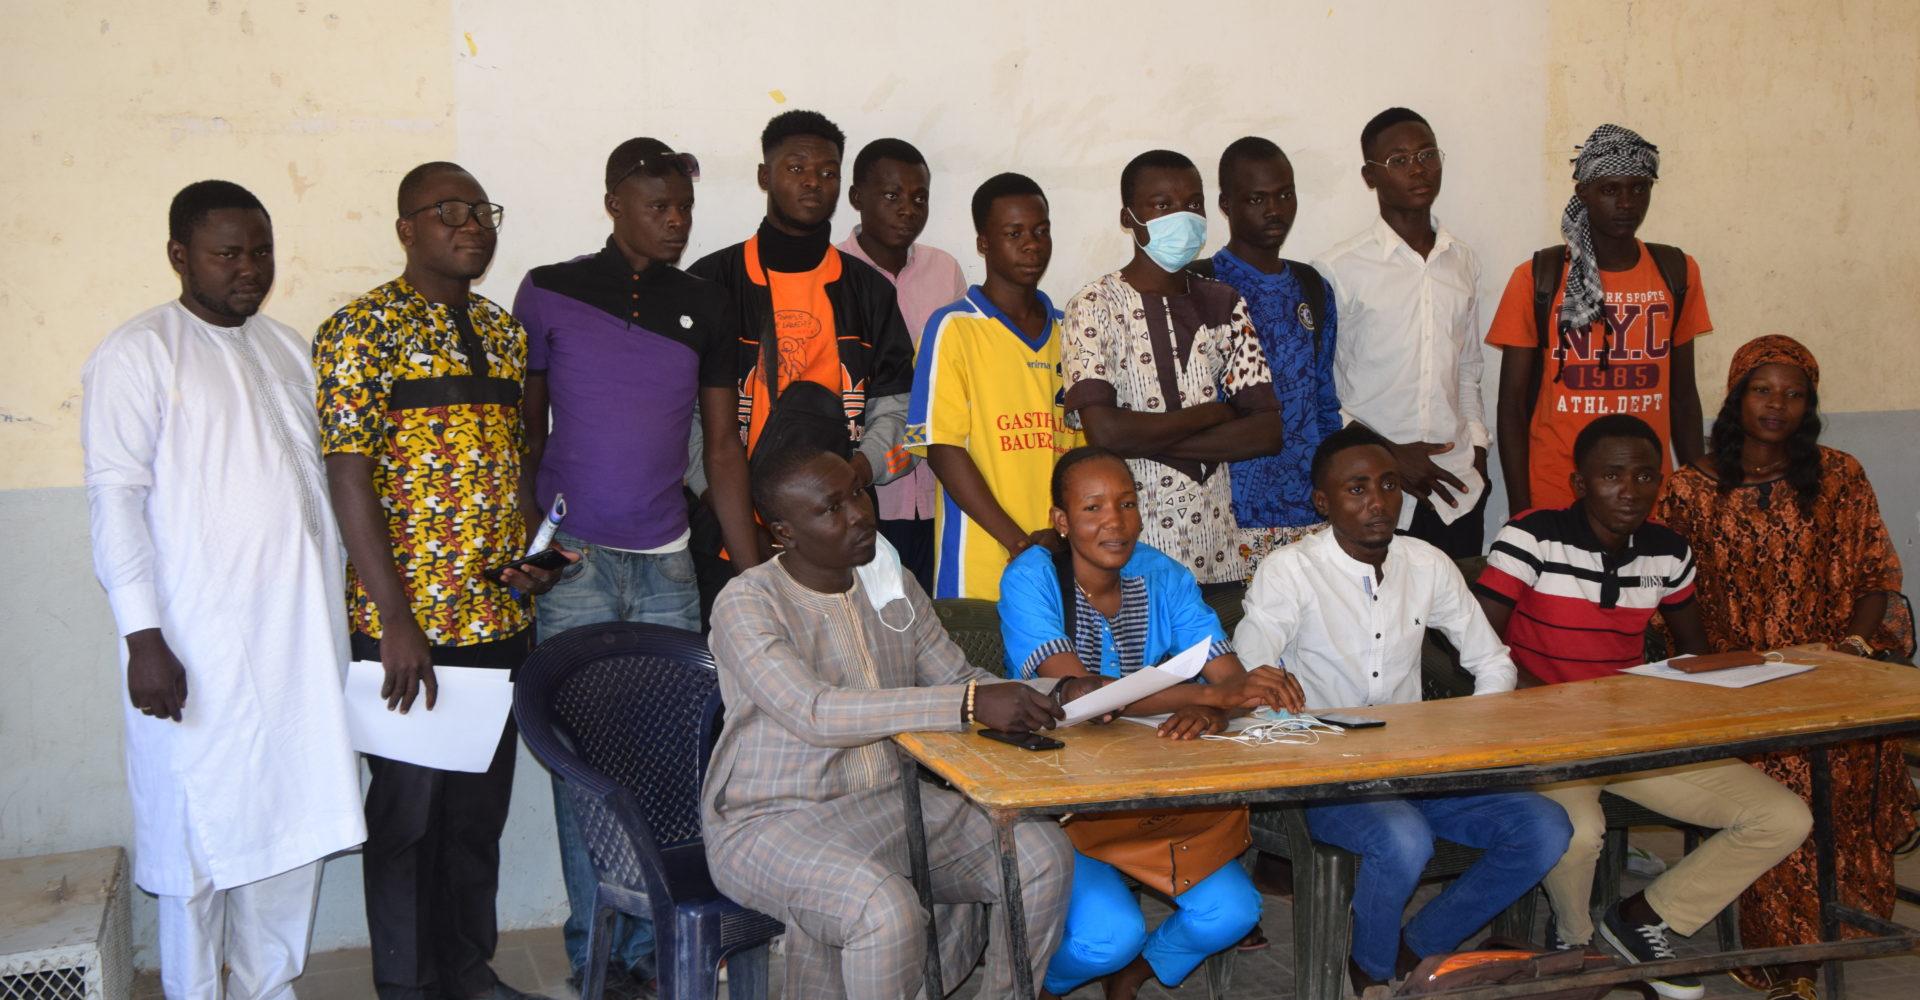 Les jeunes du 7ème arrondissement appellent à un changement à la Ftfa 1